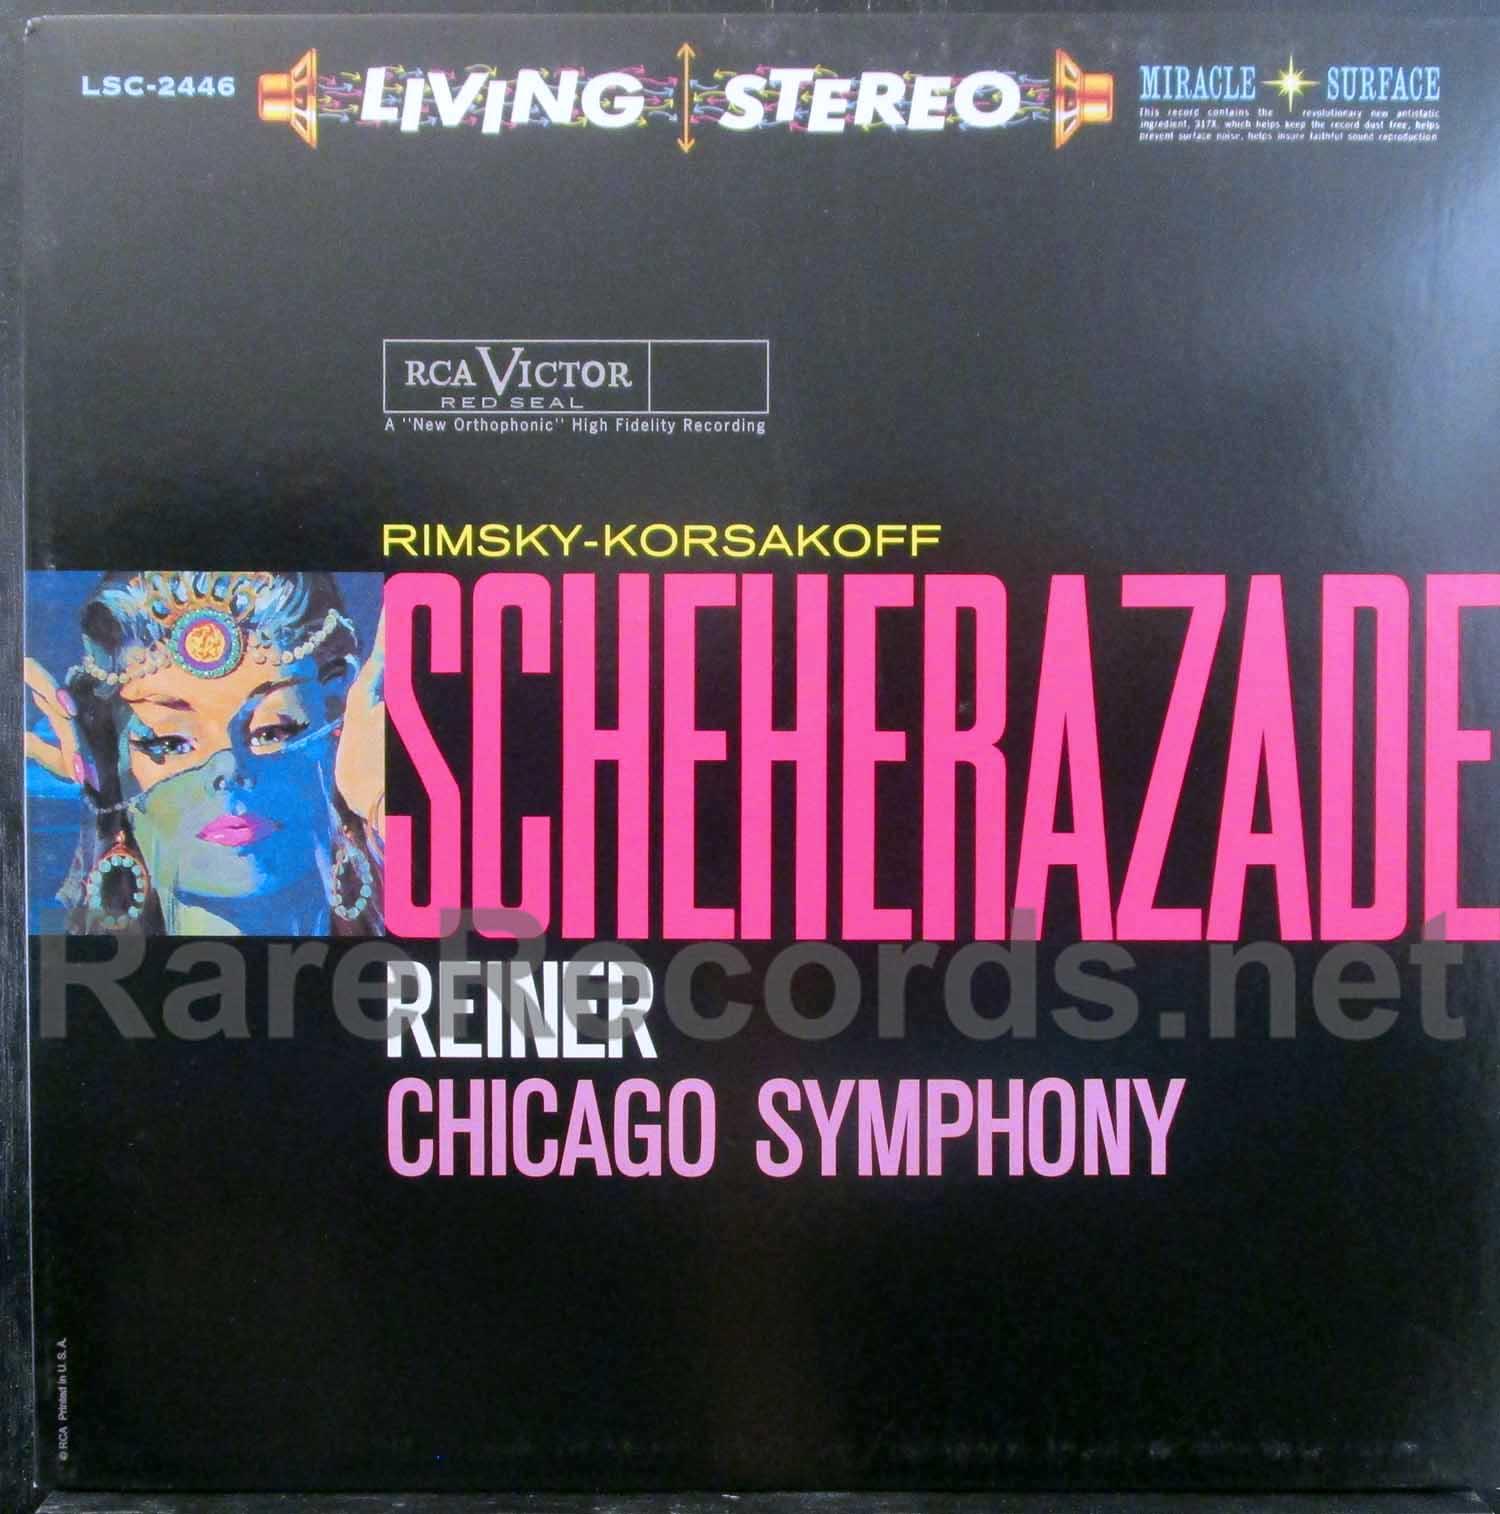 reiner/cso - scheherazade classic records test pressing LP